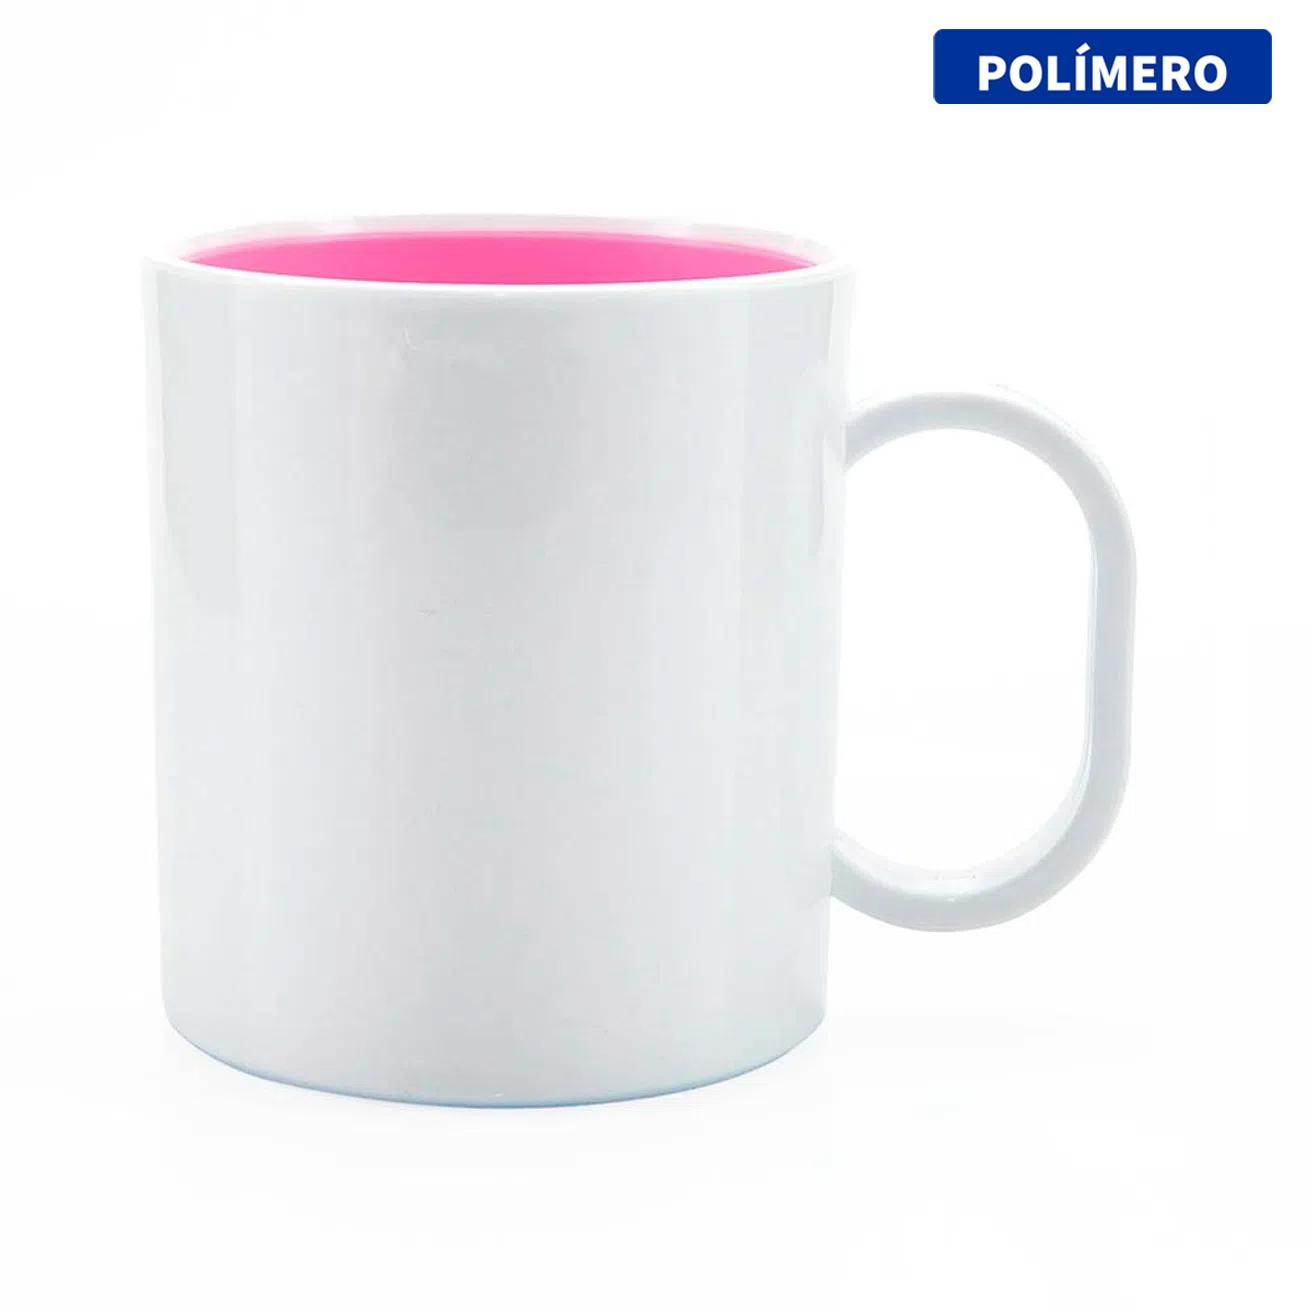 Caneca de Polímero Para Sublimação com Interior Rosa Chiclete - 325ml